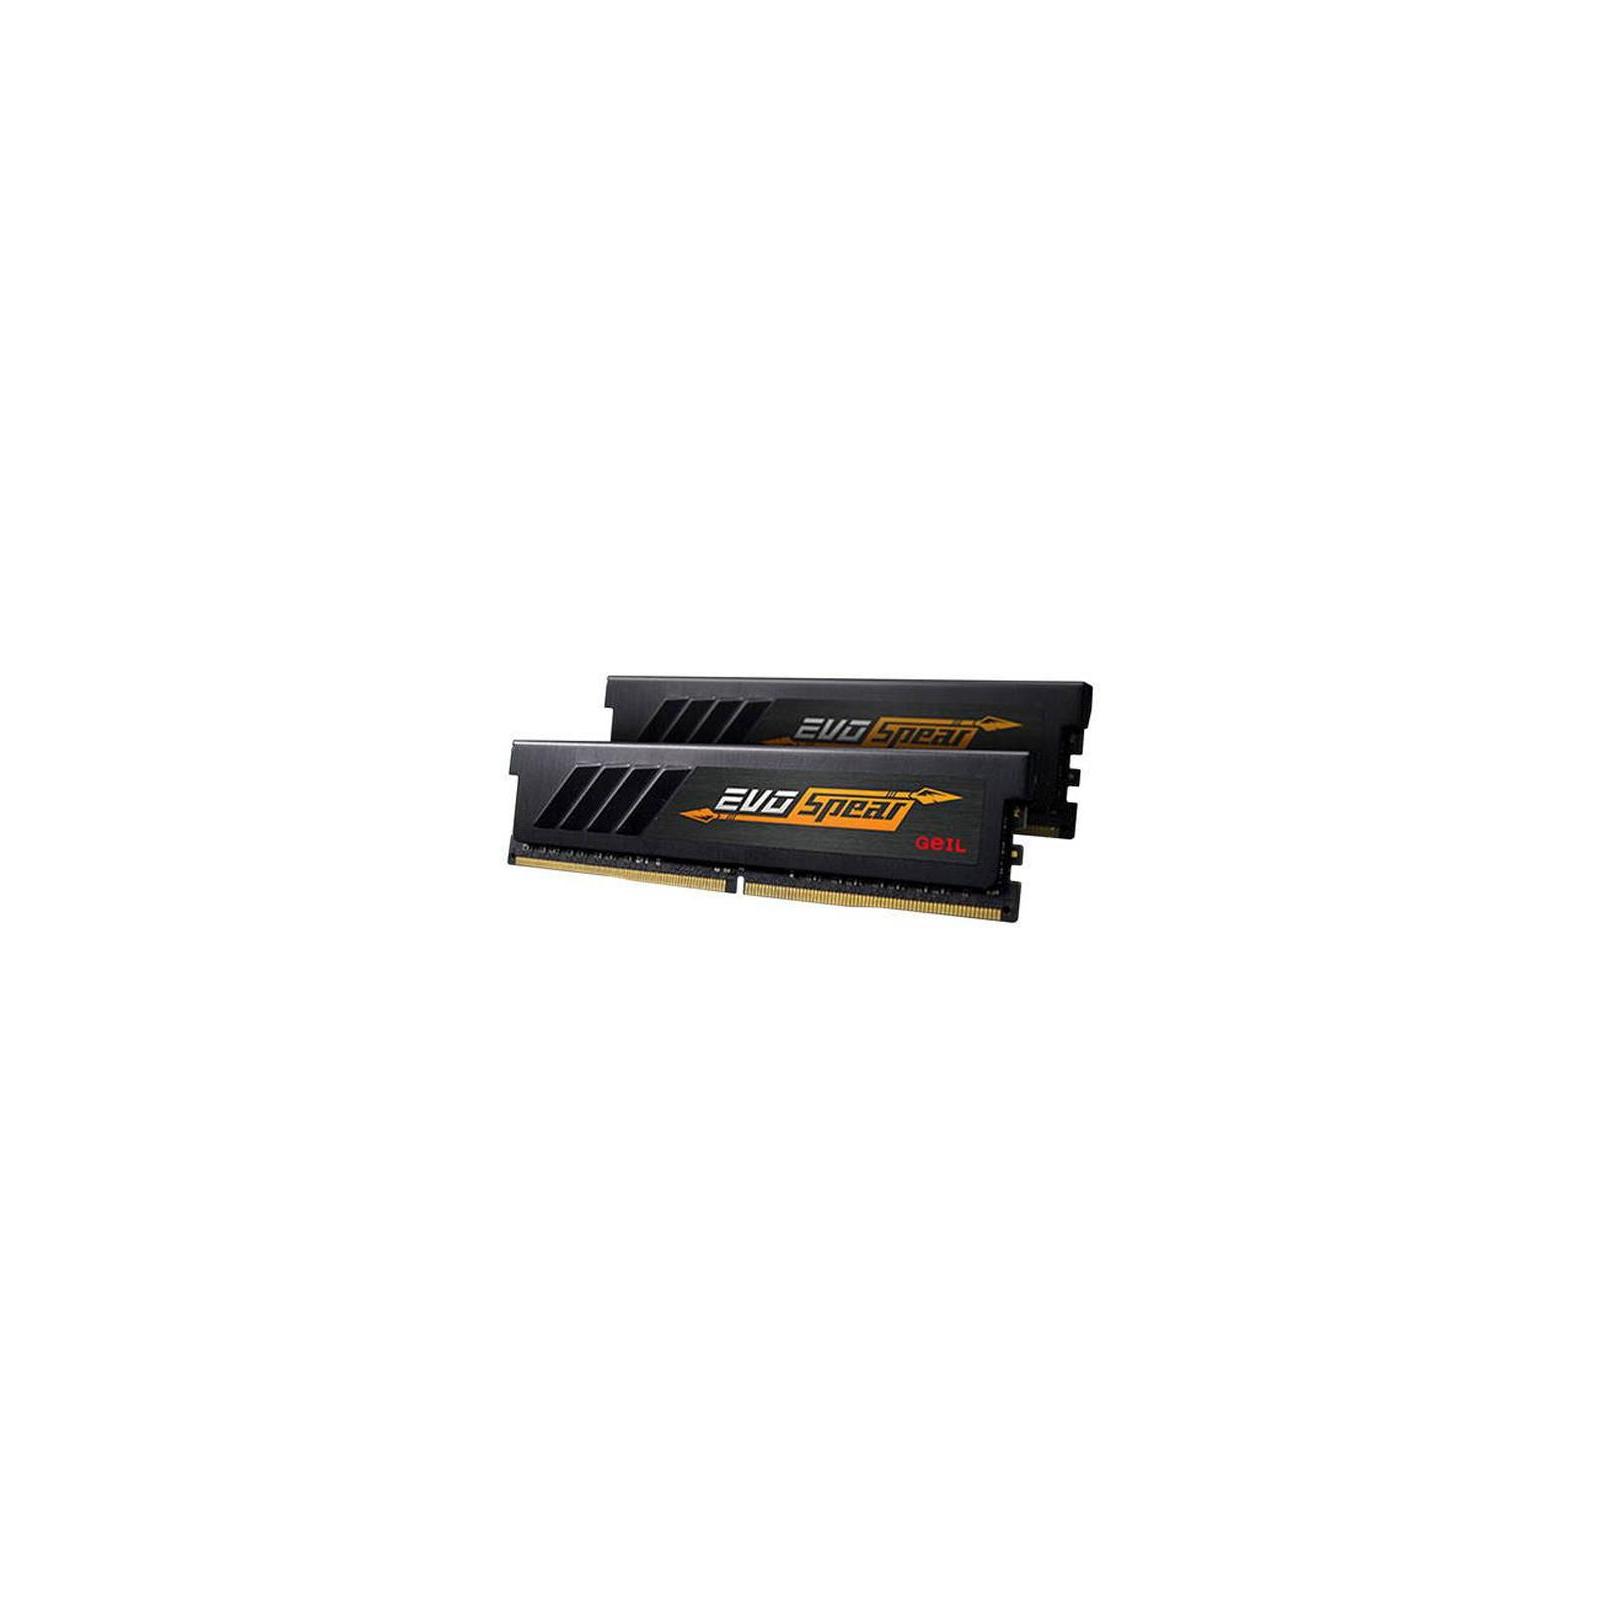 Модуль памяти для компьютера DDR4 16GB (2x8GB) 3200 MHz EVO SPEAR Geil (GSB416GB3200C16ADC) изображение 2